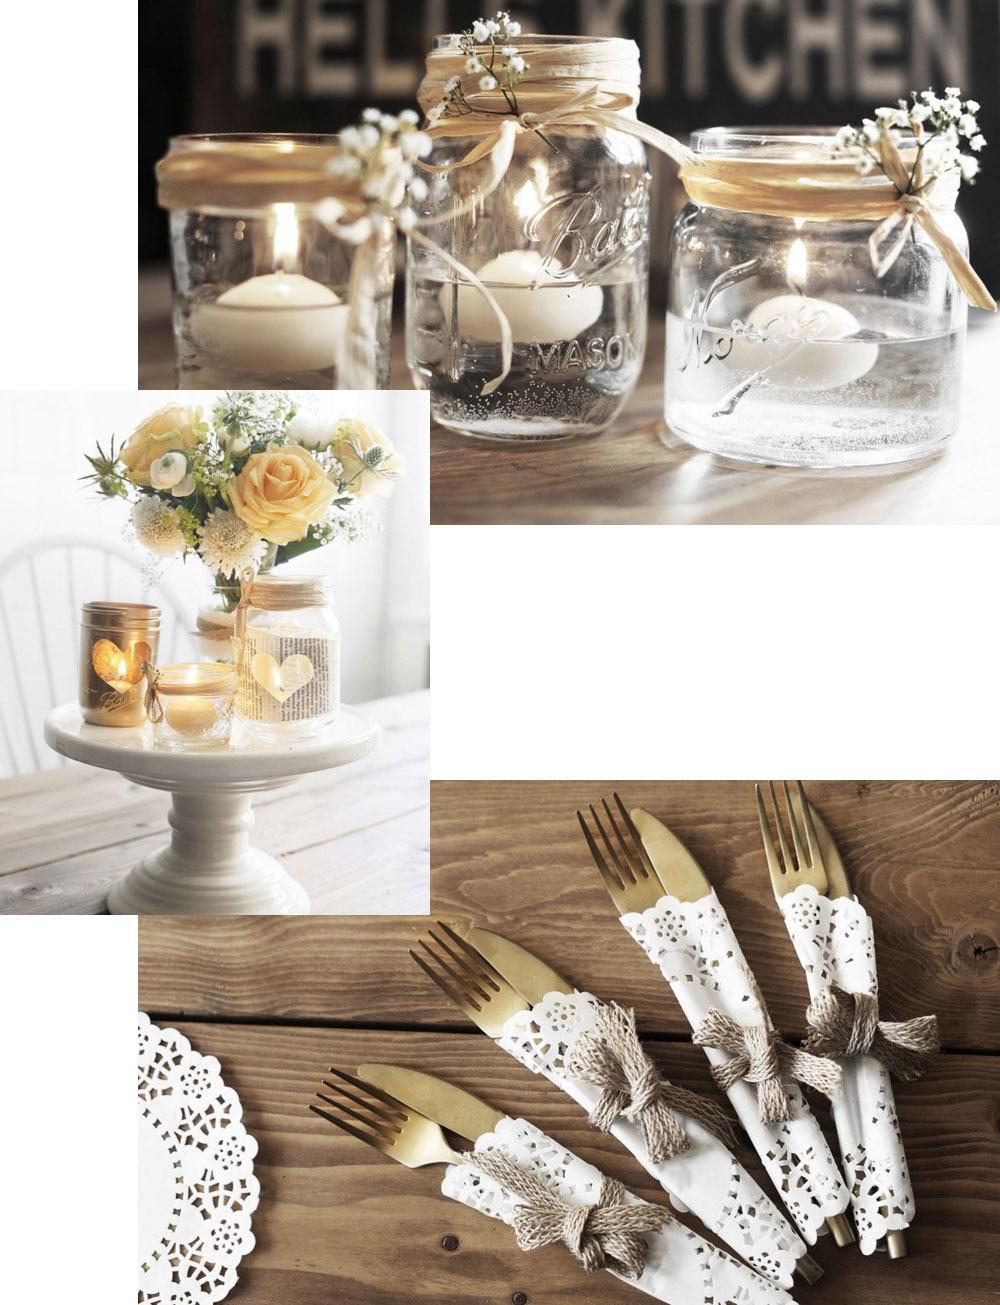 midsommar-sommar-fest-dukning-inspiration.bordsdukning-hemmafix-monica-karlstein